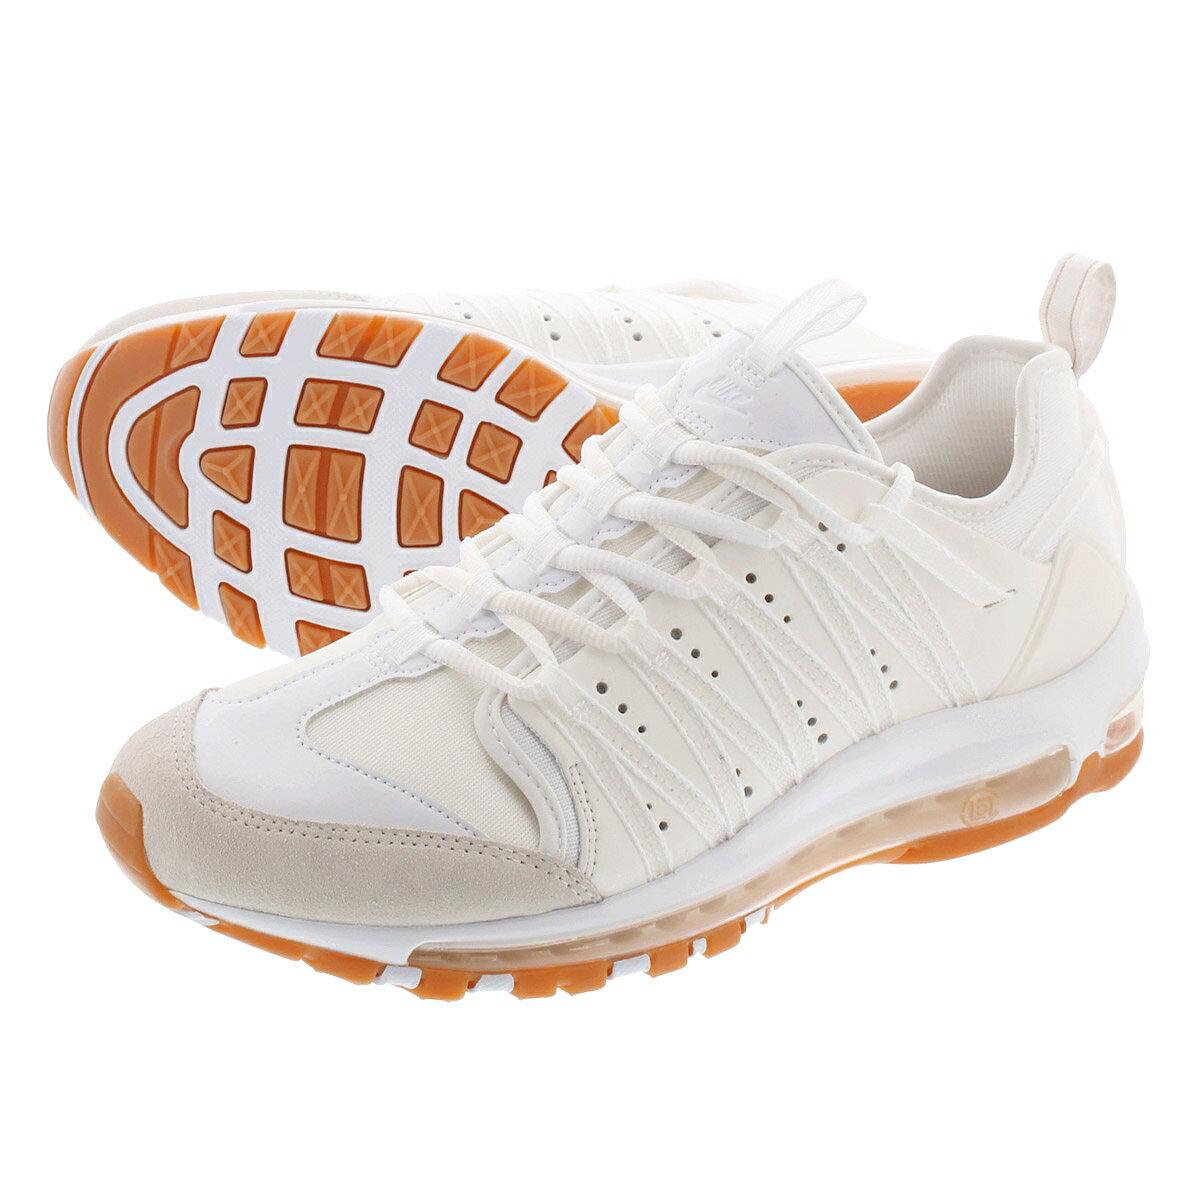 メンズ靴, スニーカー SALE NIKE x CLOT AIR MAX 97 HAVEN x 97 WHITEOFF WHITESAIL ao2134-100